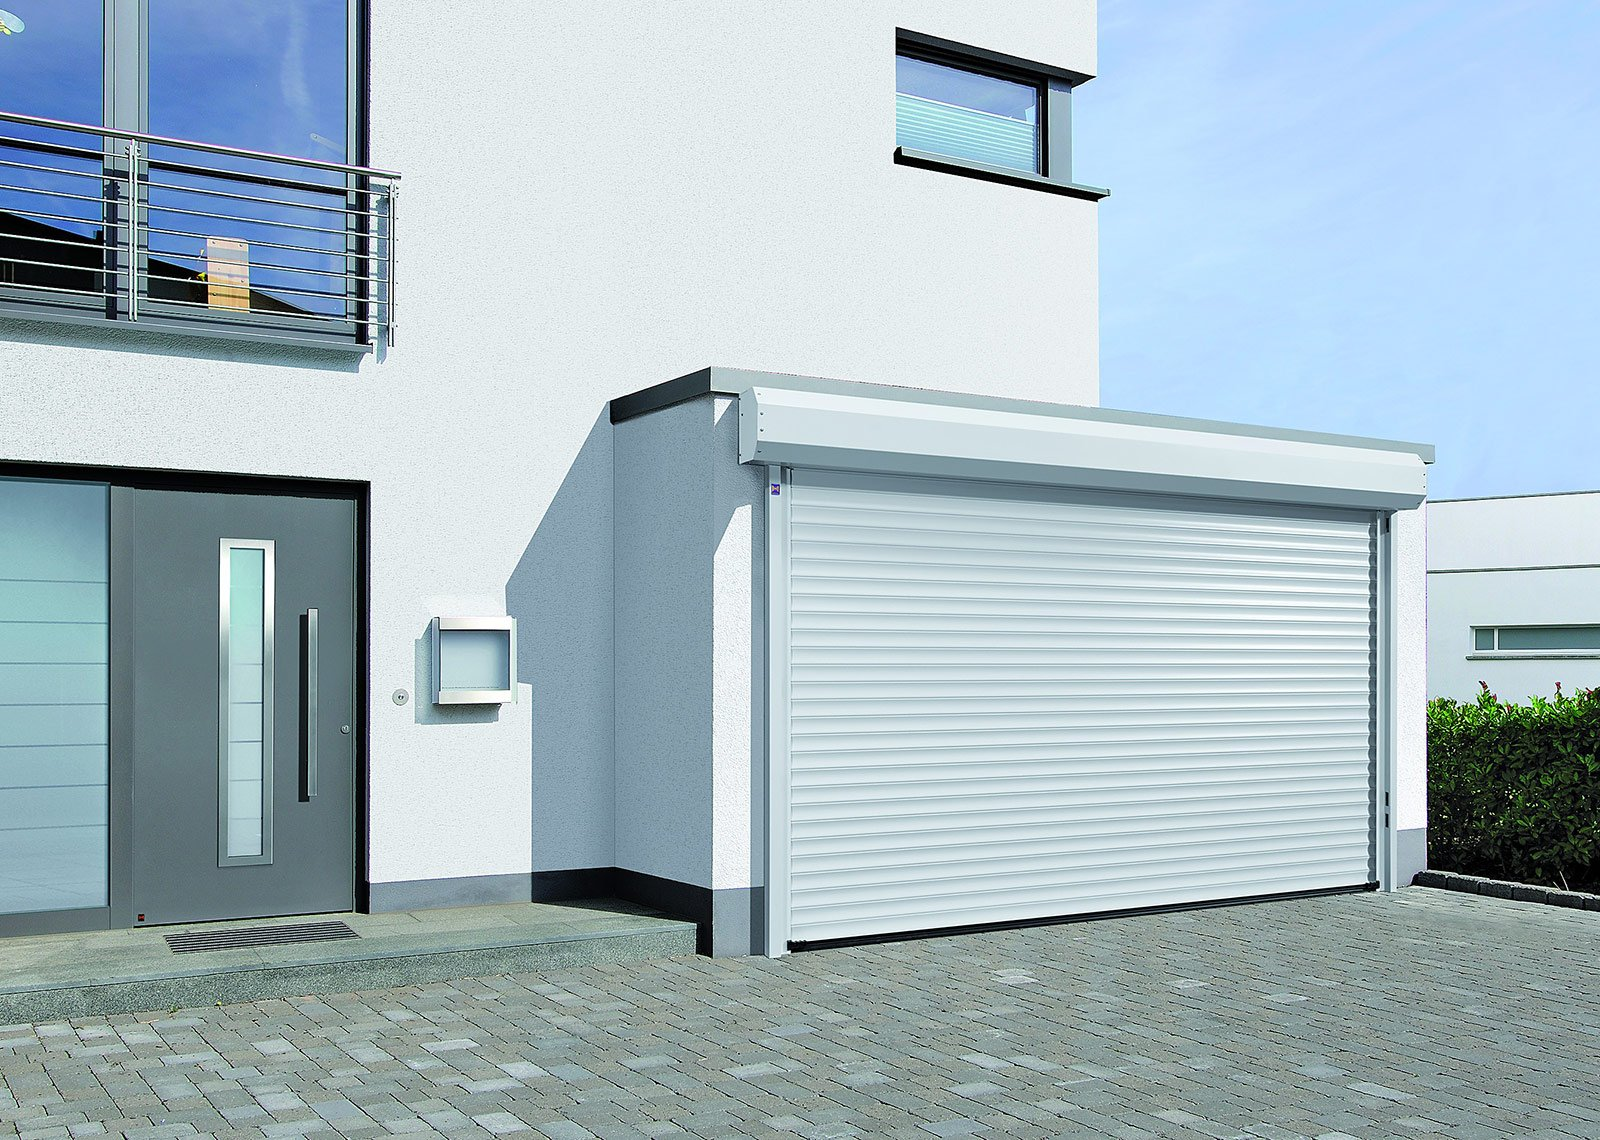 Serrande avvolgibili per il garage cose di casa for Disegni staccati del garage